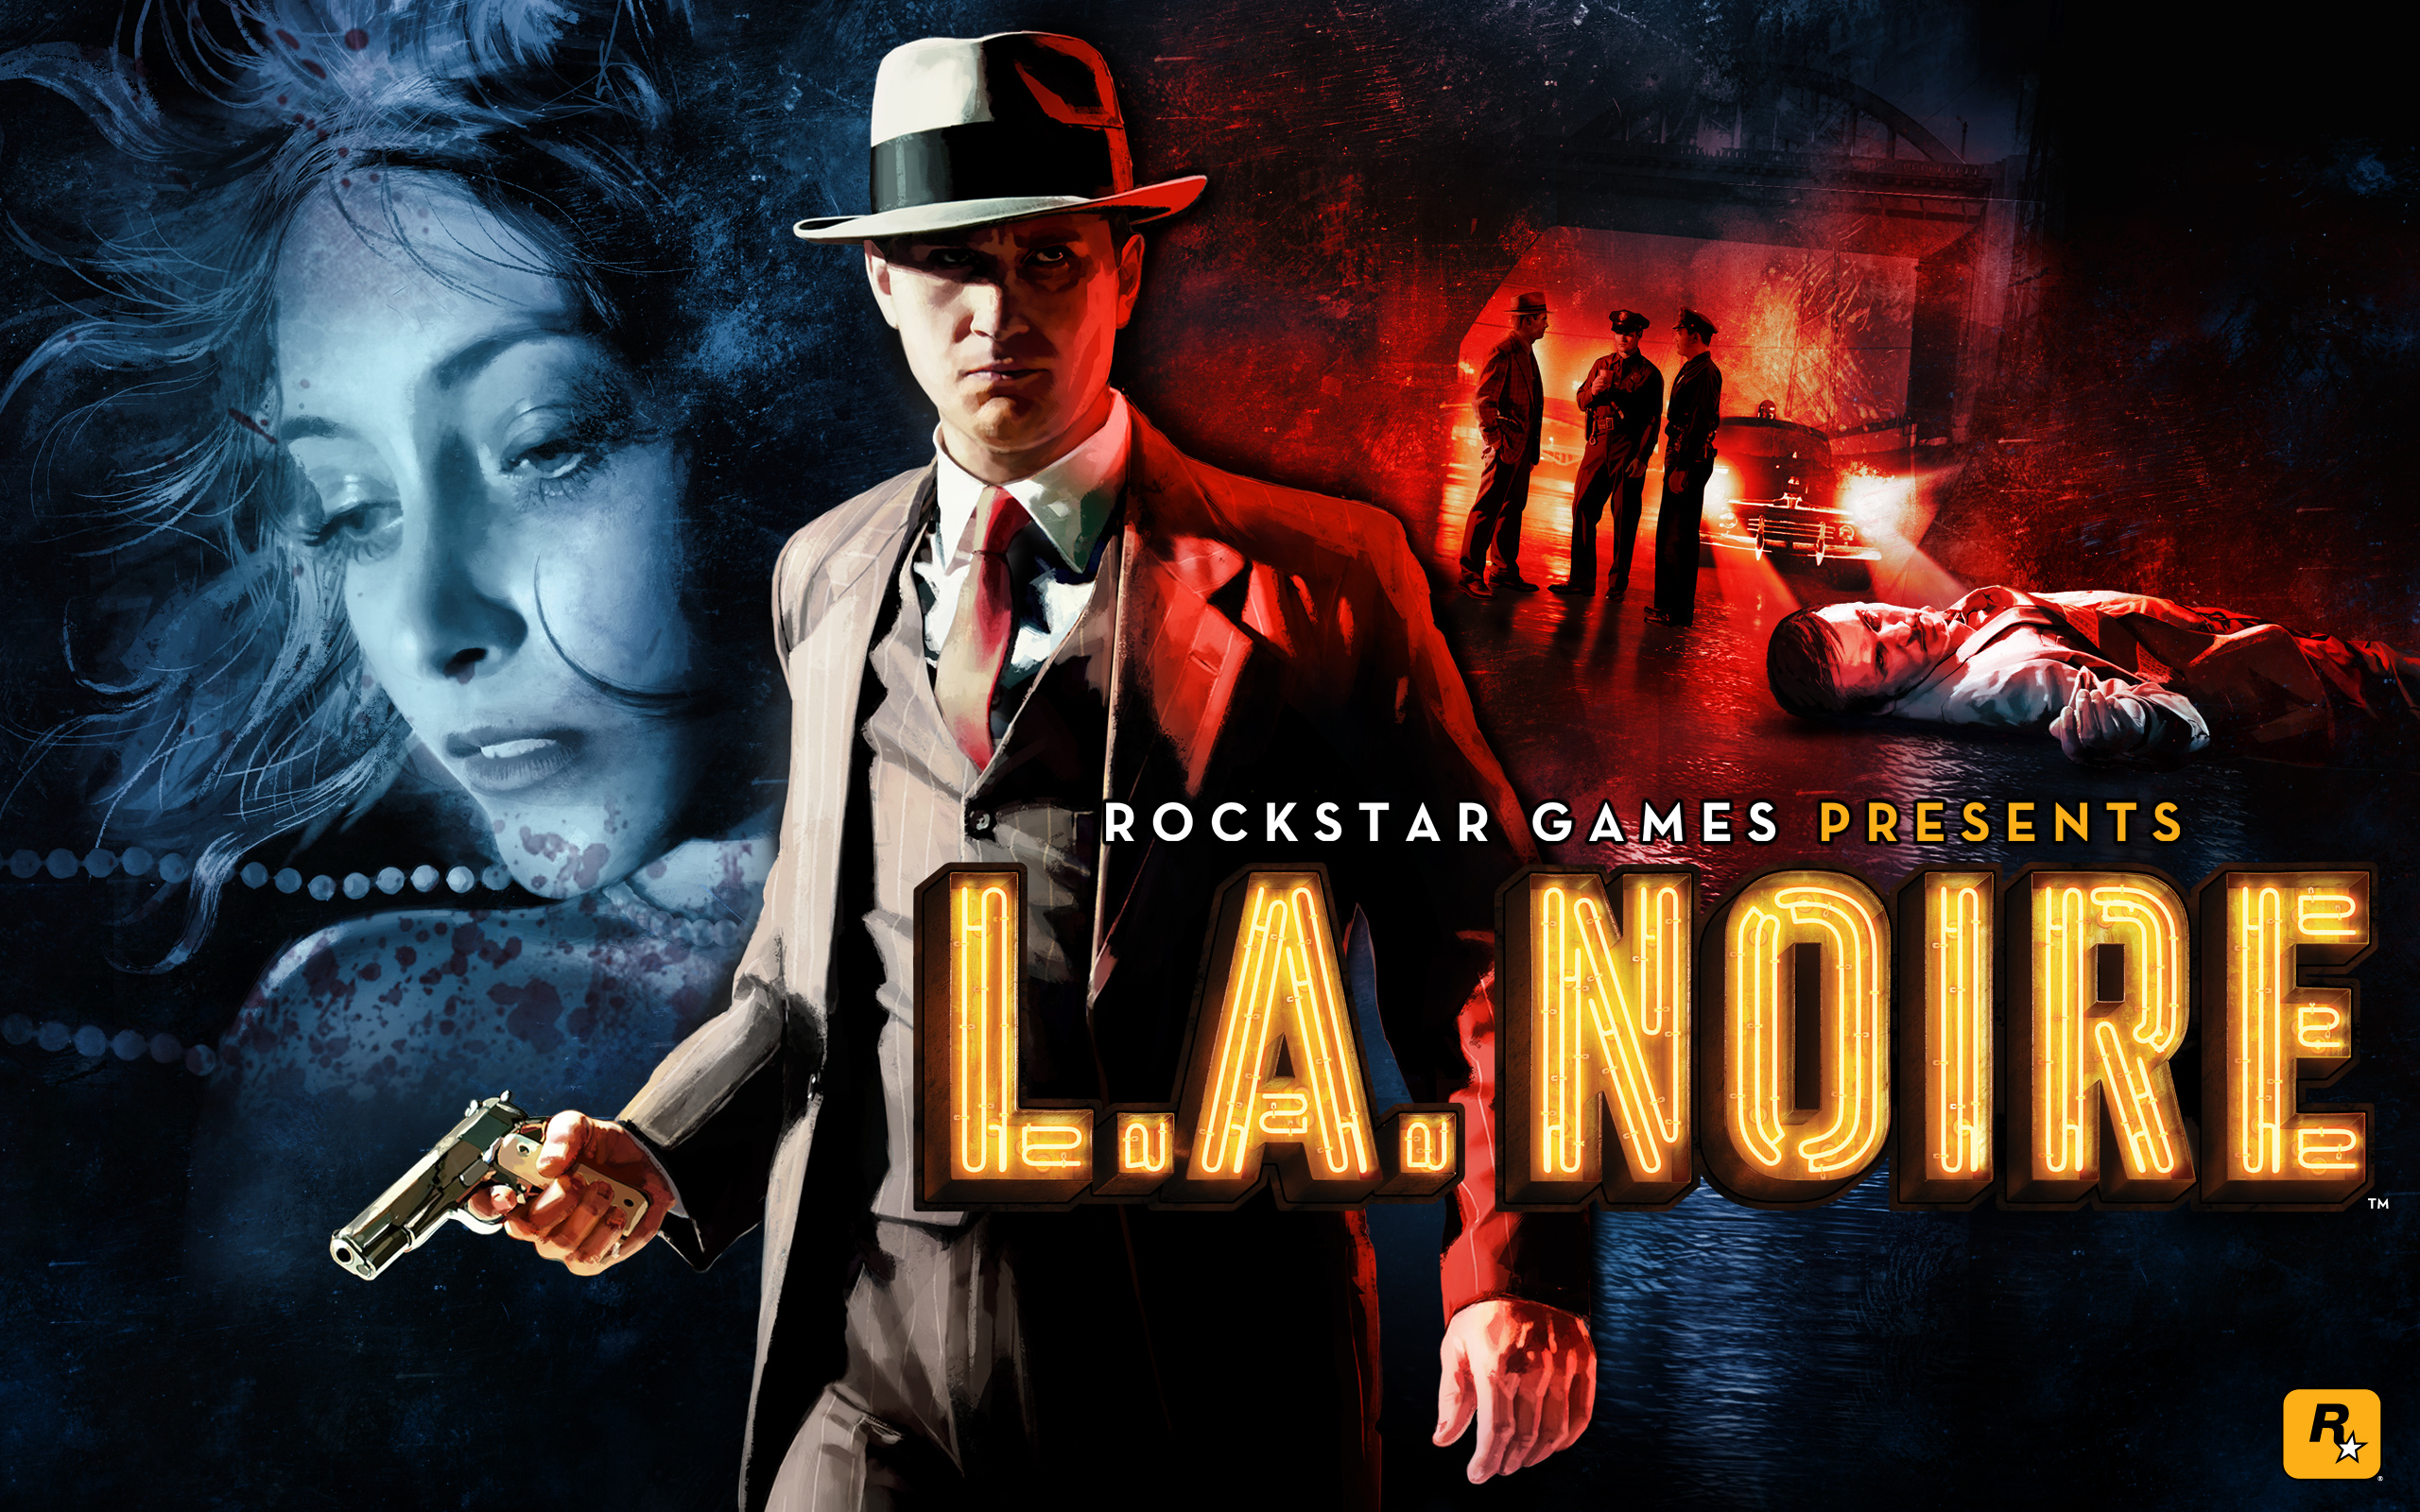 lanoire_news_02_03_2011_17.jpg